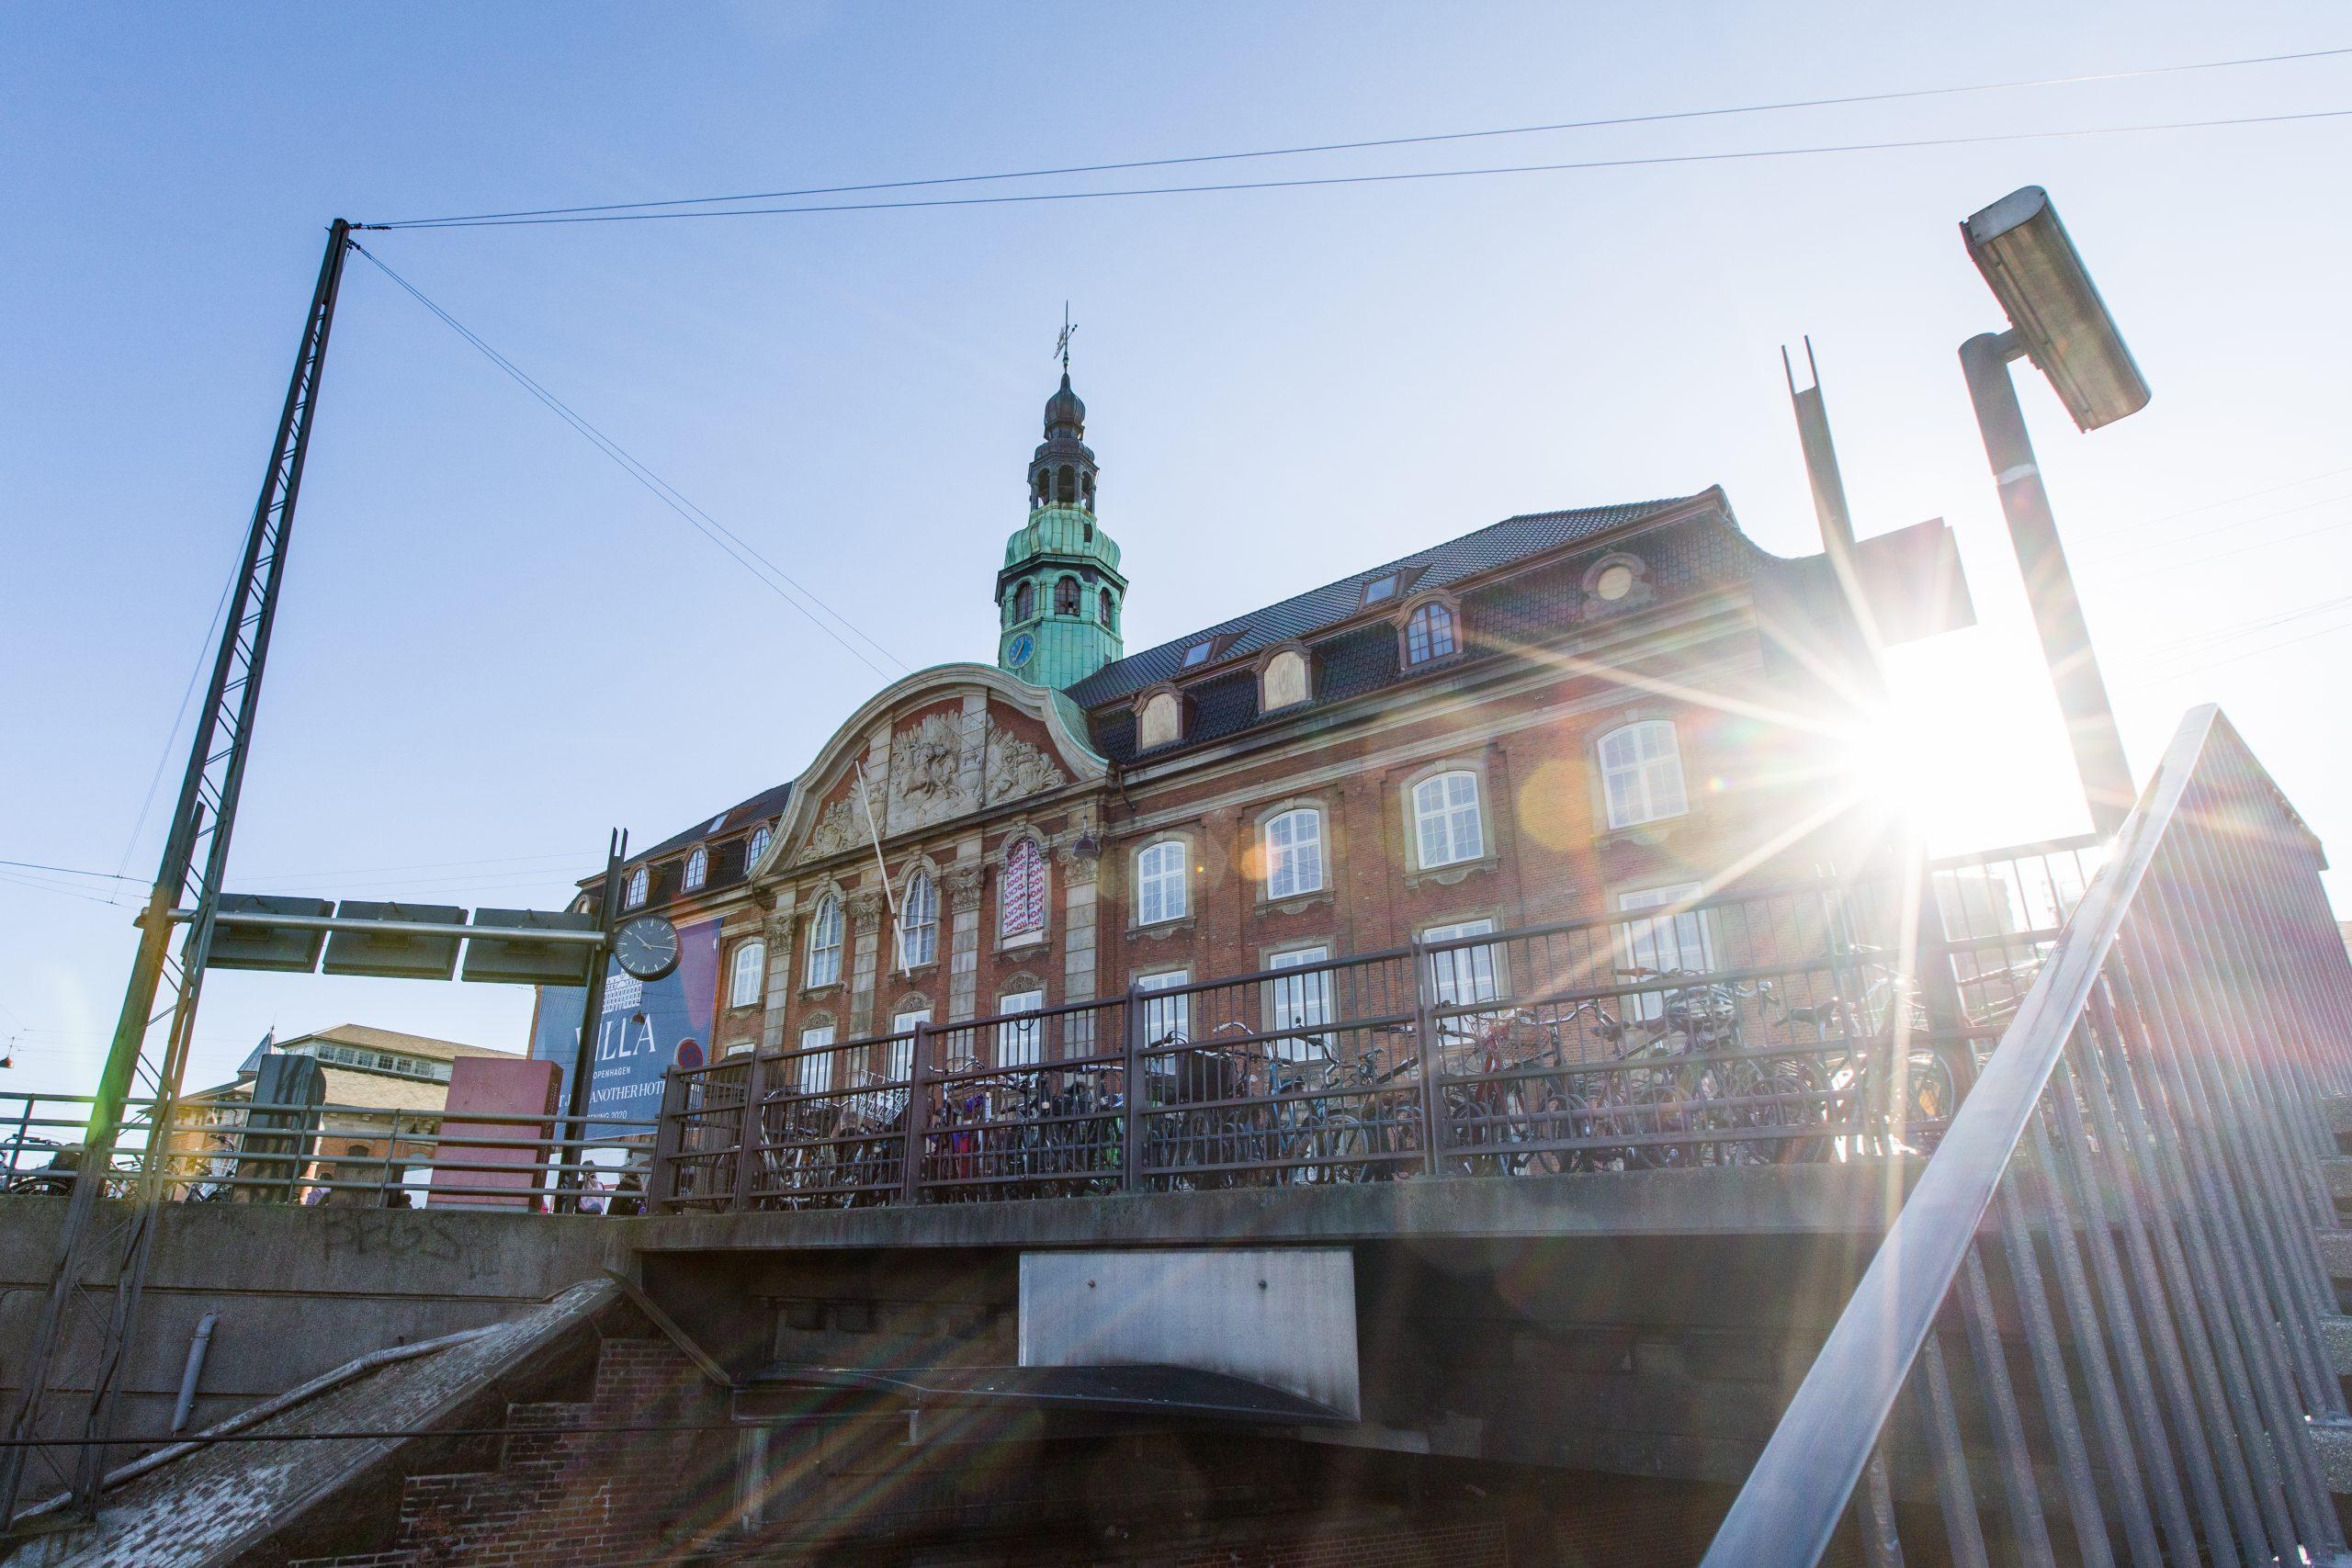 Villa Copenhagen ved Hovedbanegården og Tivoli åbner i dag, tre måneder senere end planlagt som følge af coronakrisen. Pressefoto: Astrid Rasmussen.